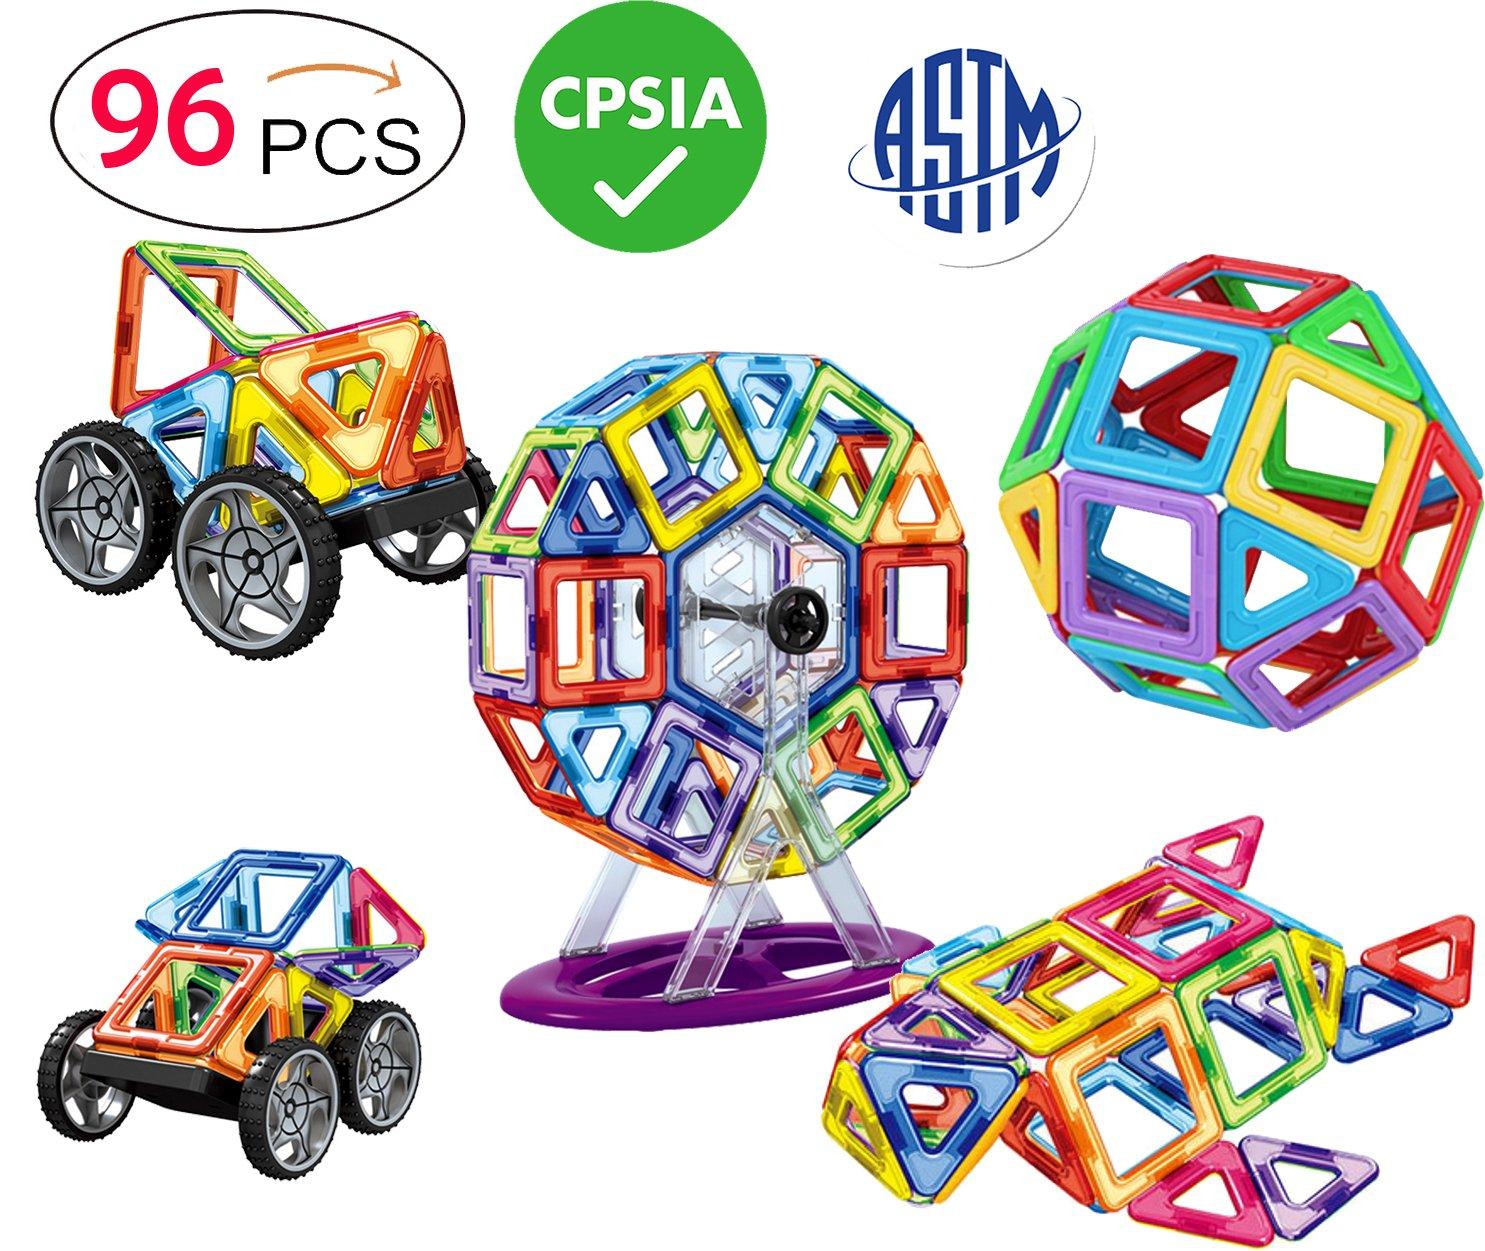 DreambuilderToy 96 PCS Magnetic Tiles Set, STEM Building Block Preschool Educational Construction Kit,3D Magnetic Toys (96 Pieces) Review